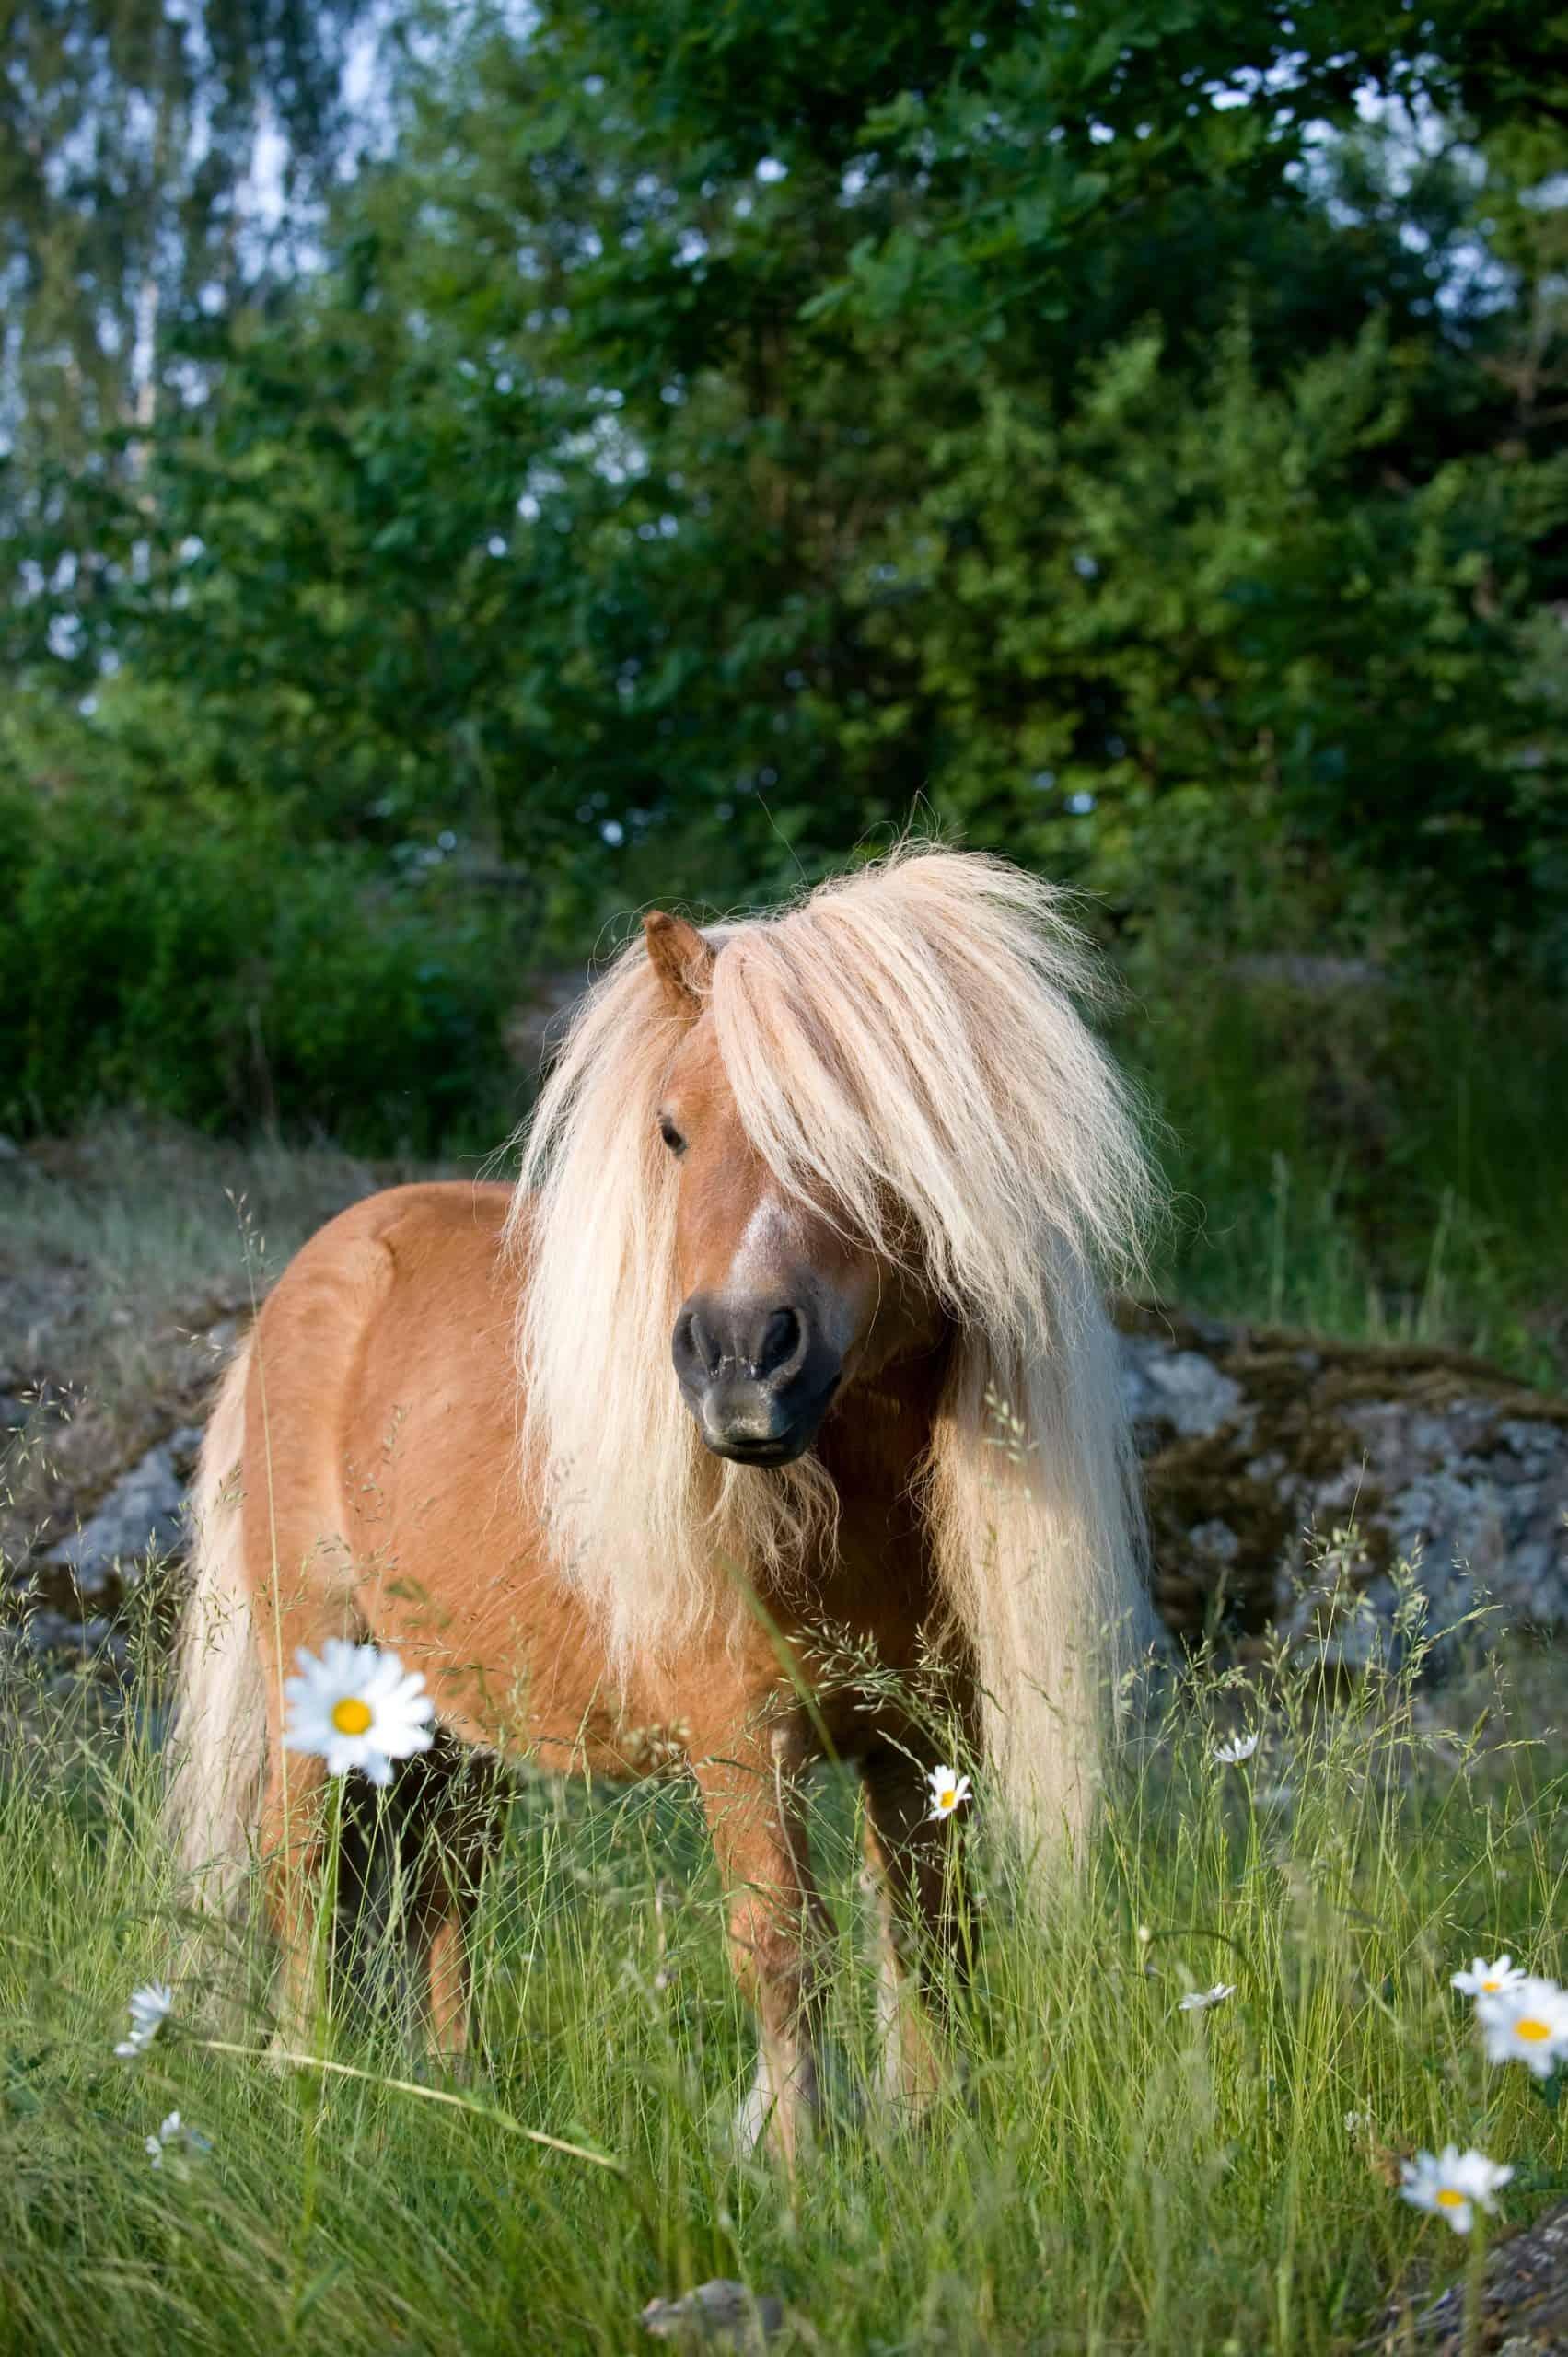 A Shetland pony in a summer field.